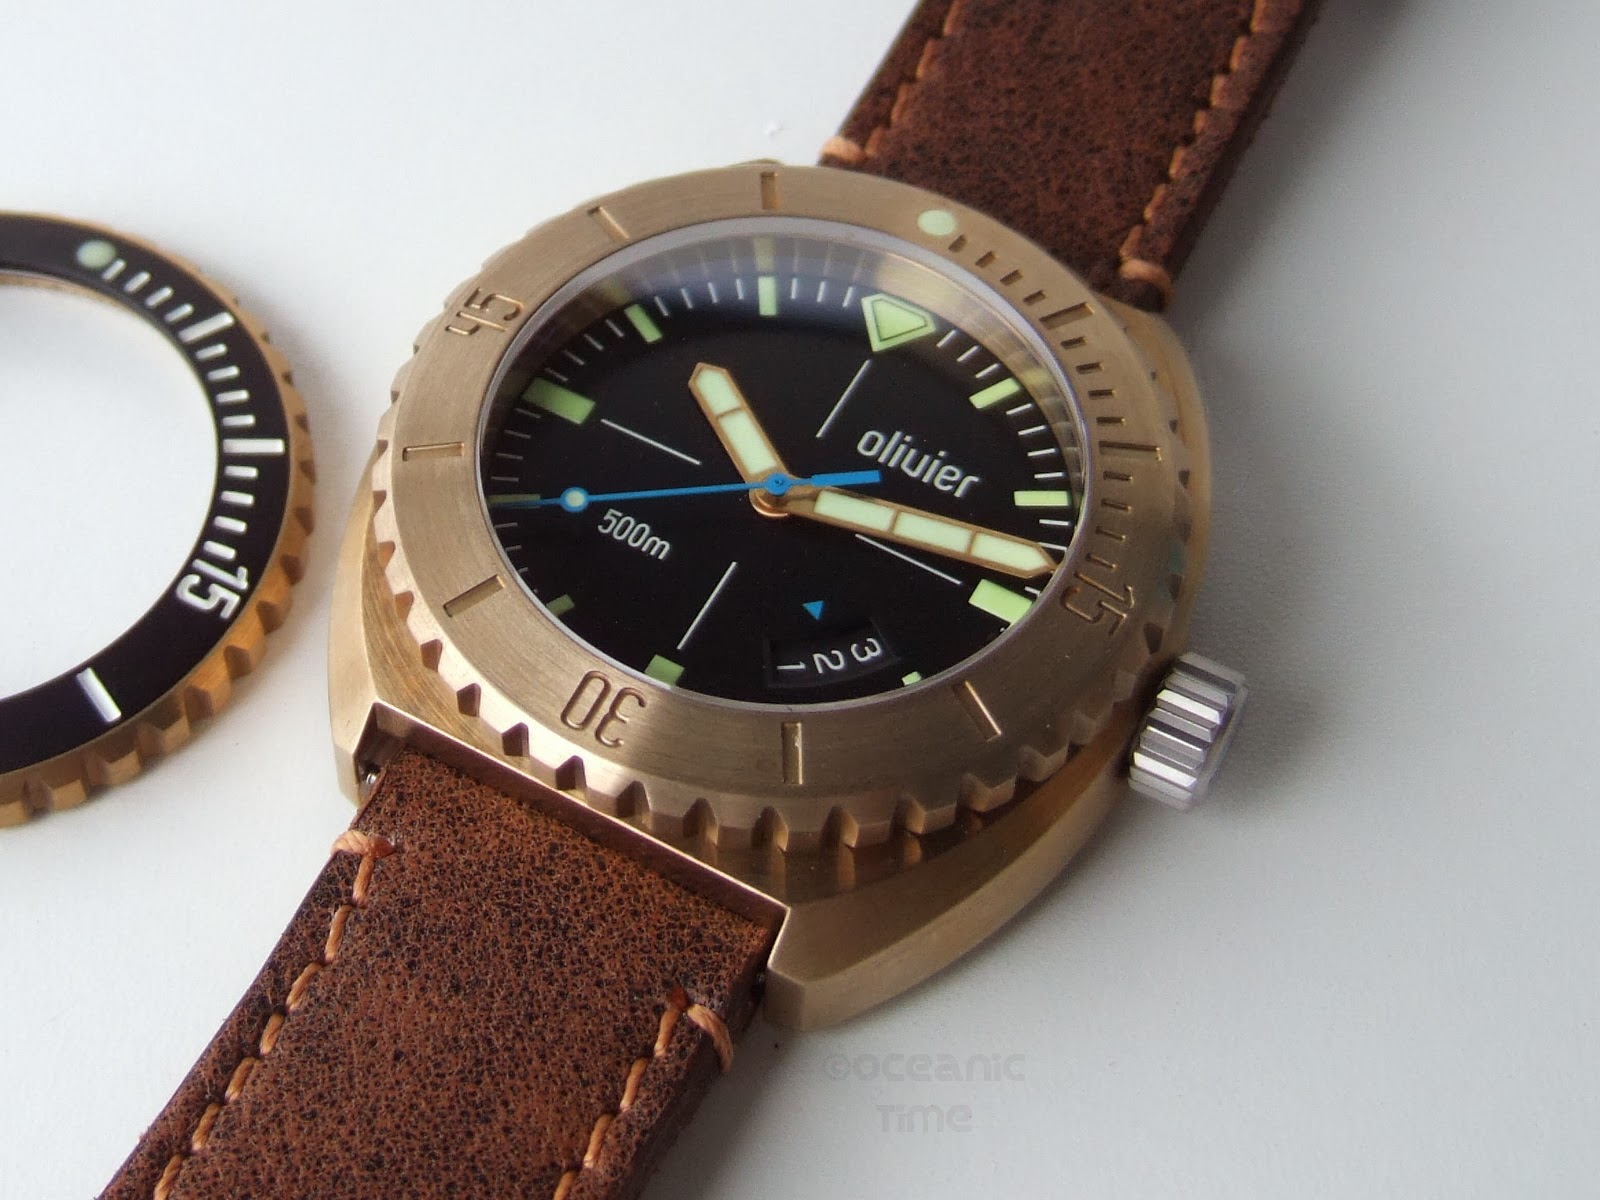 Oceanictime olivier bronze diver eta n 8 - Bronze dive watch ...